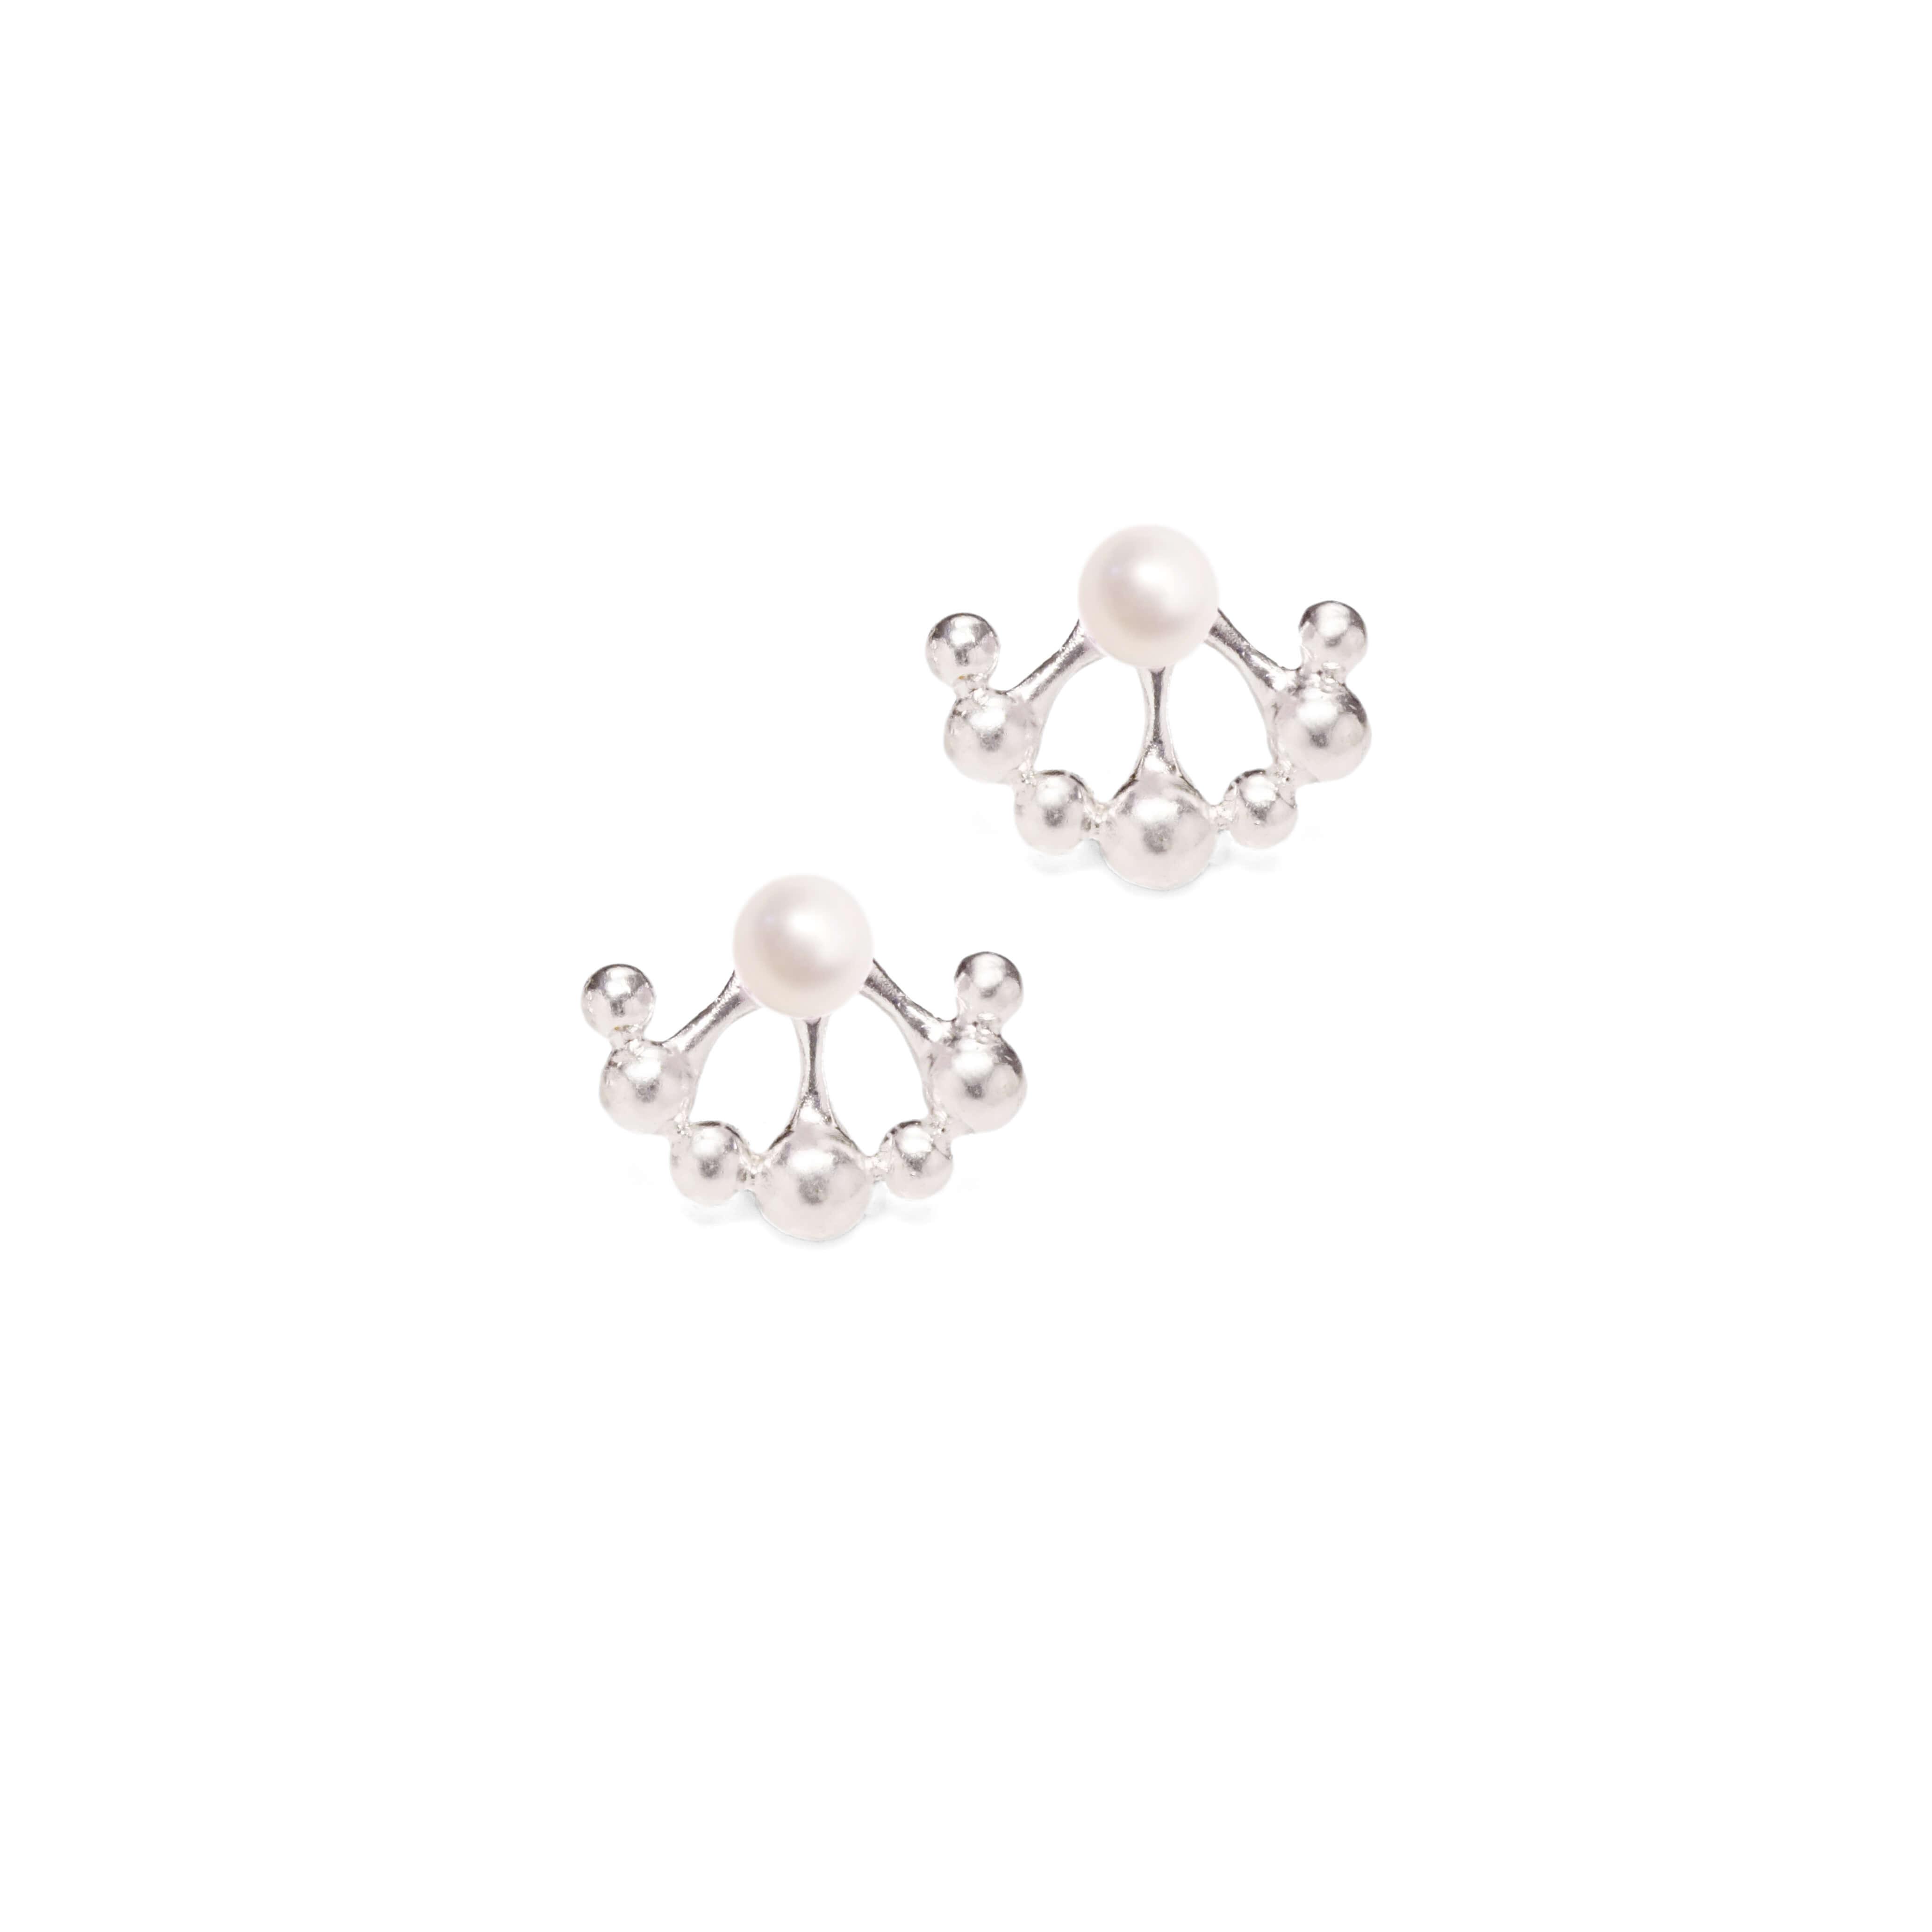 小花園系列-蒲公英耳環(淡水珍珠)